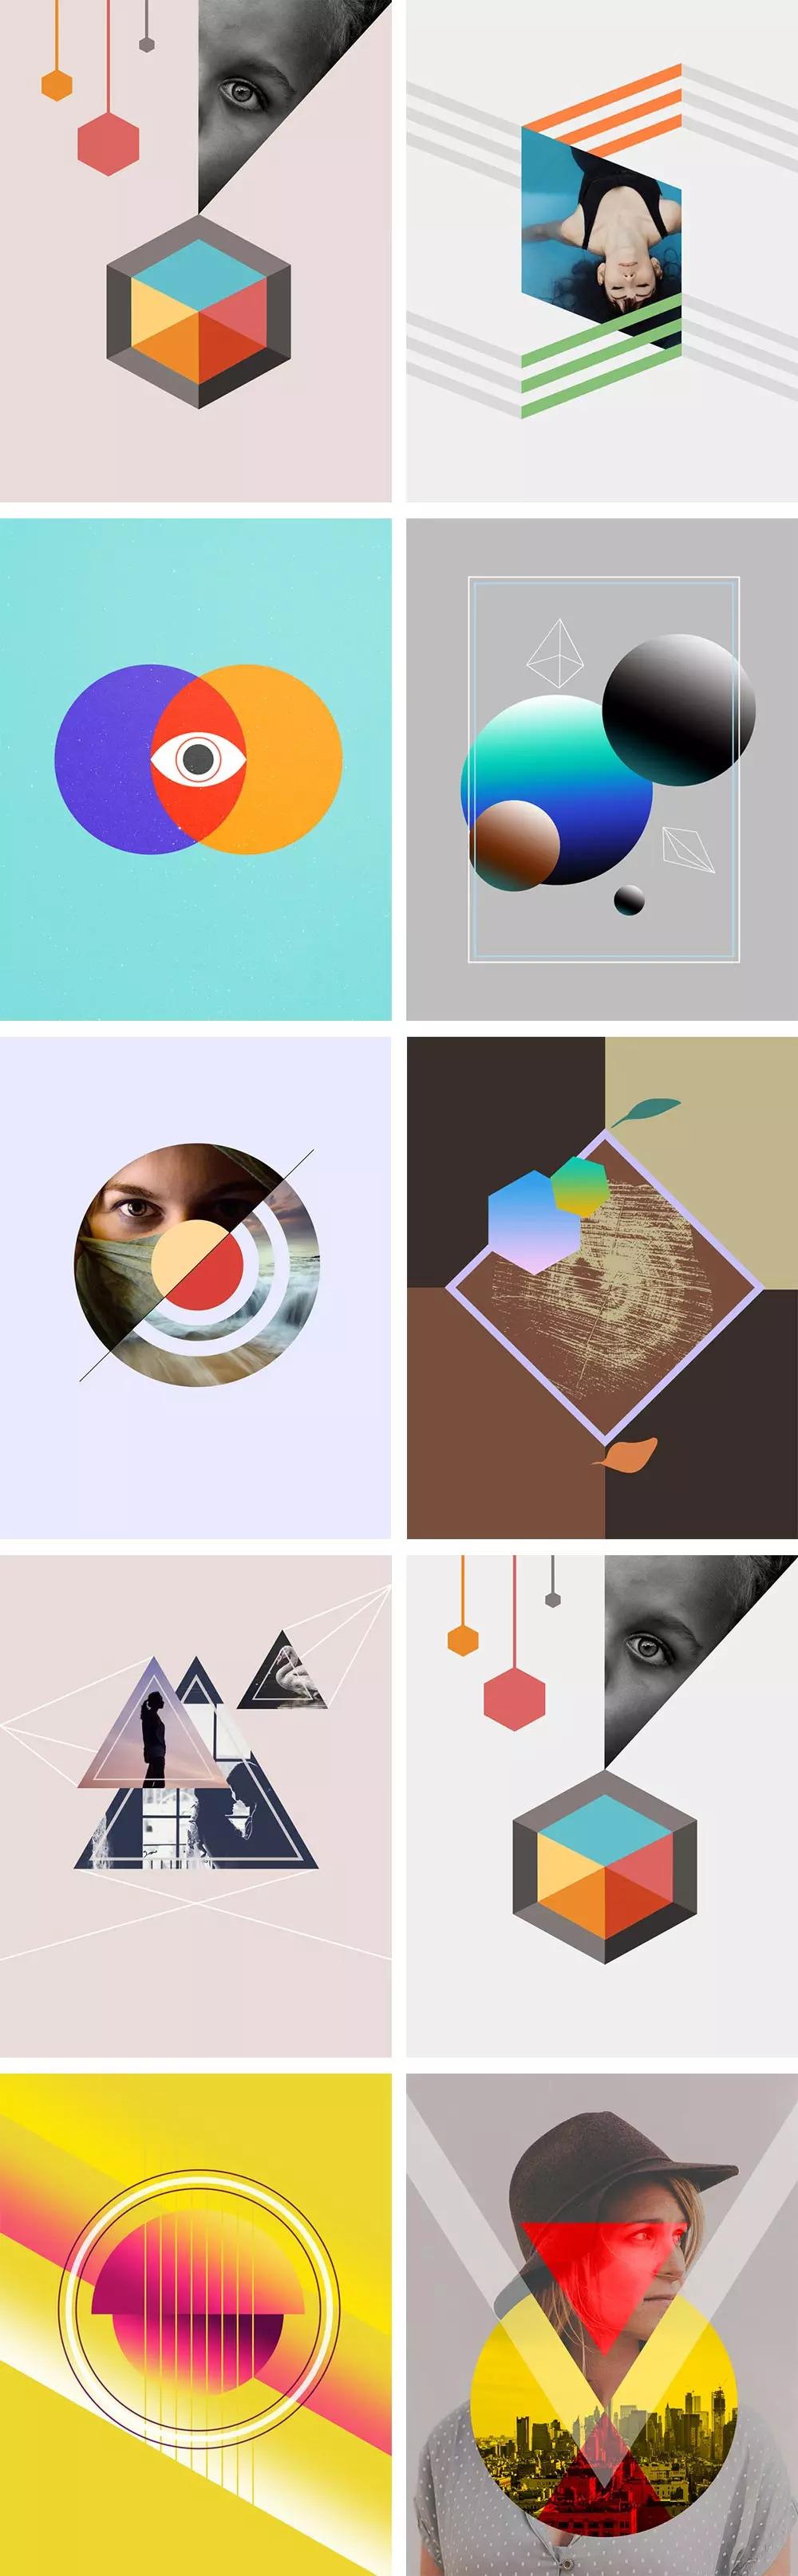 抽象好用的图形海报素材PSD下载